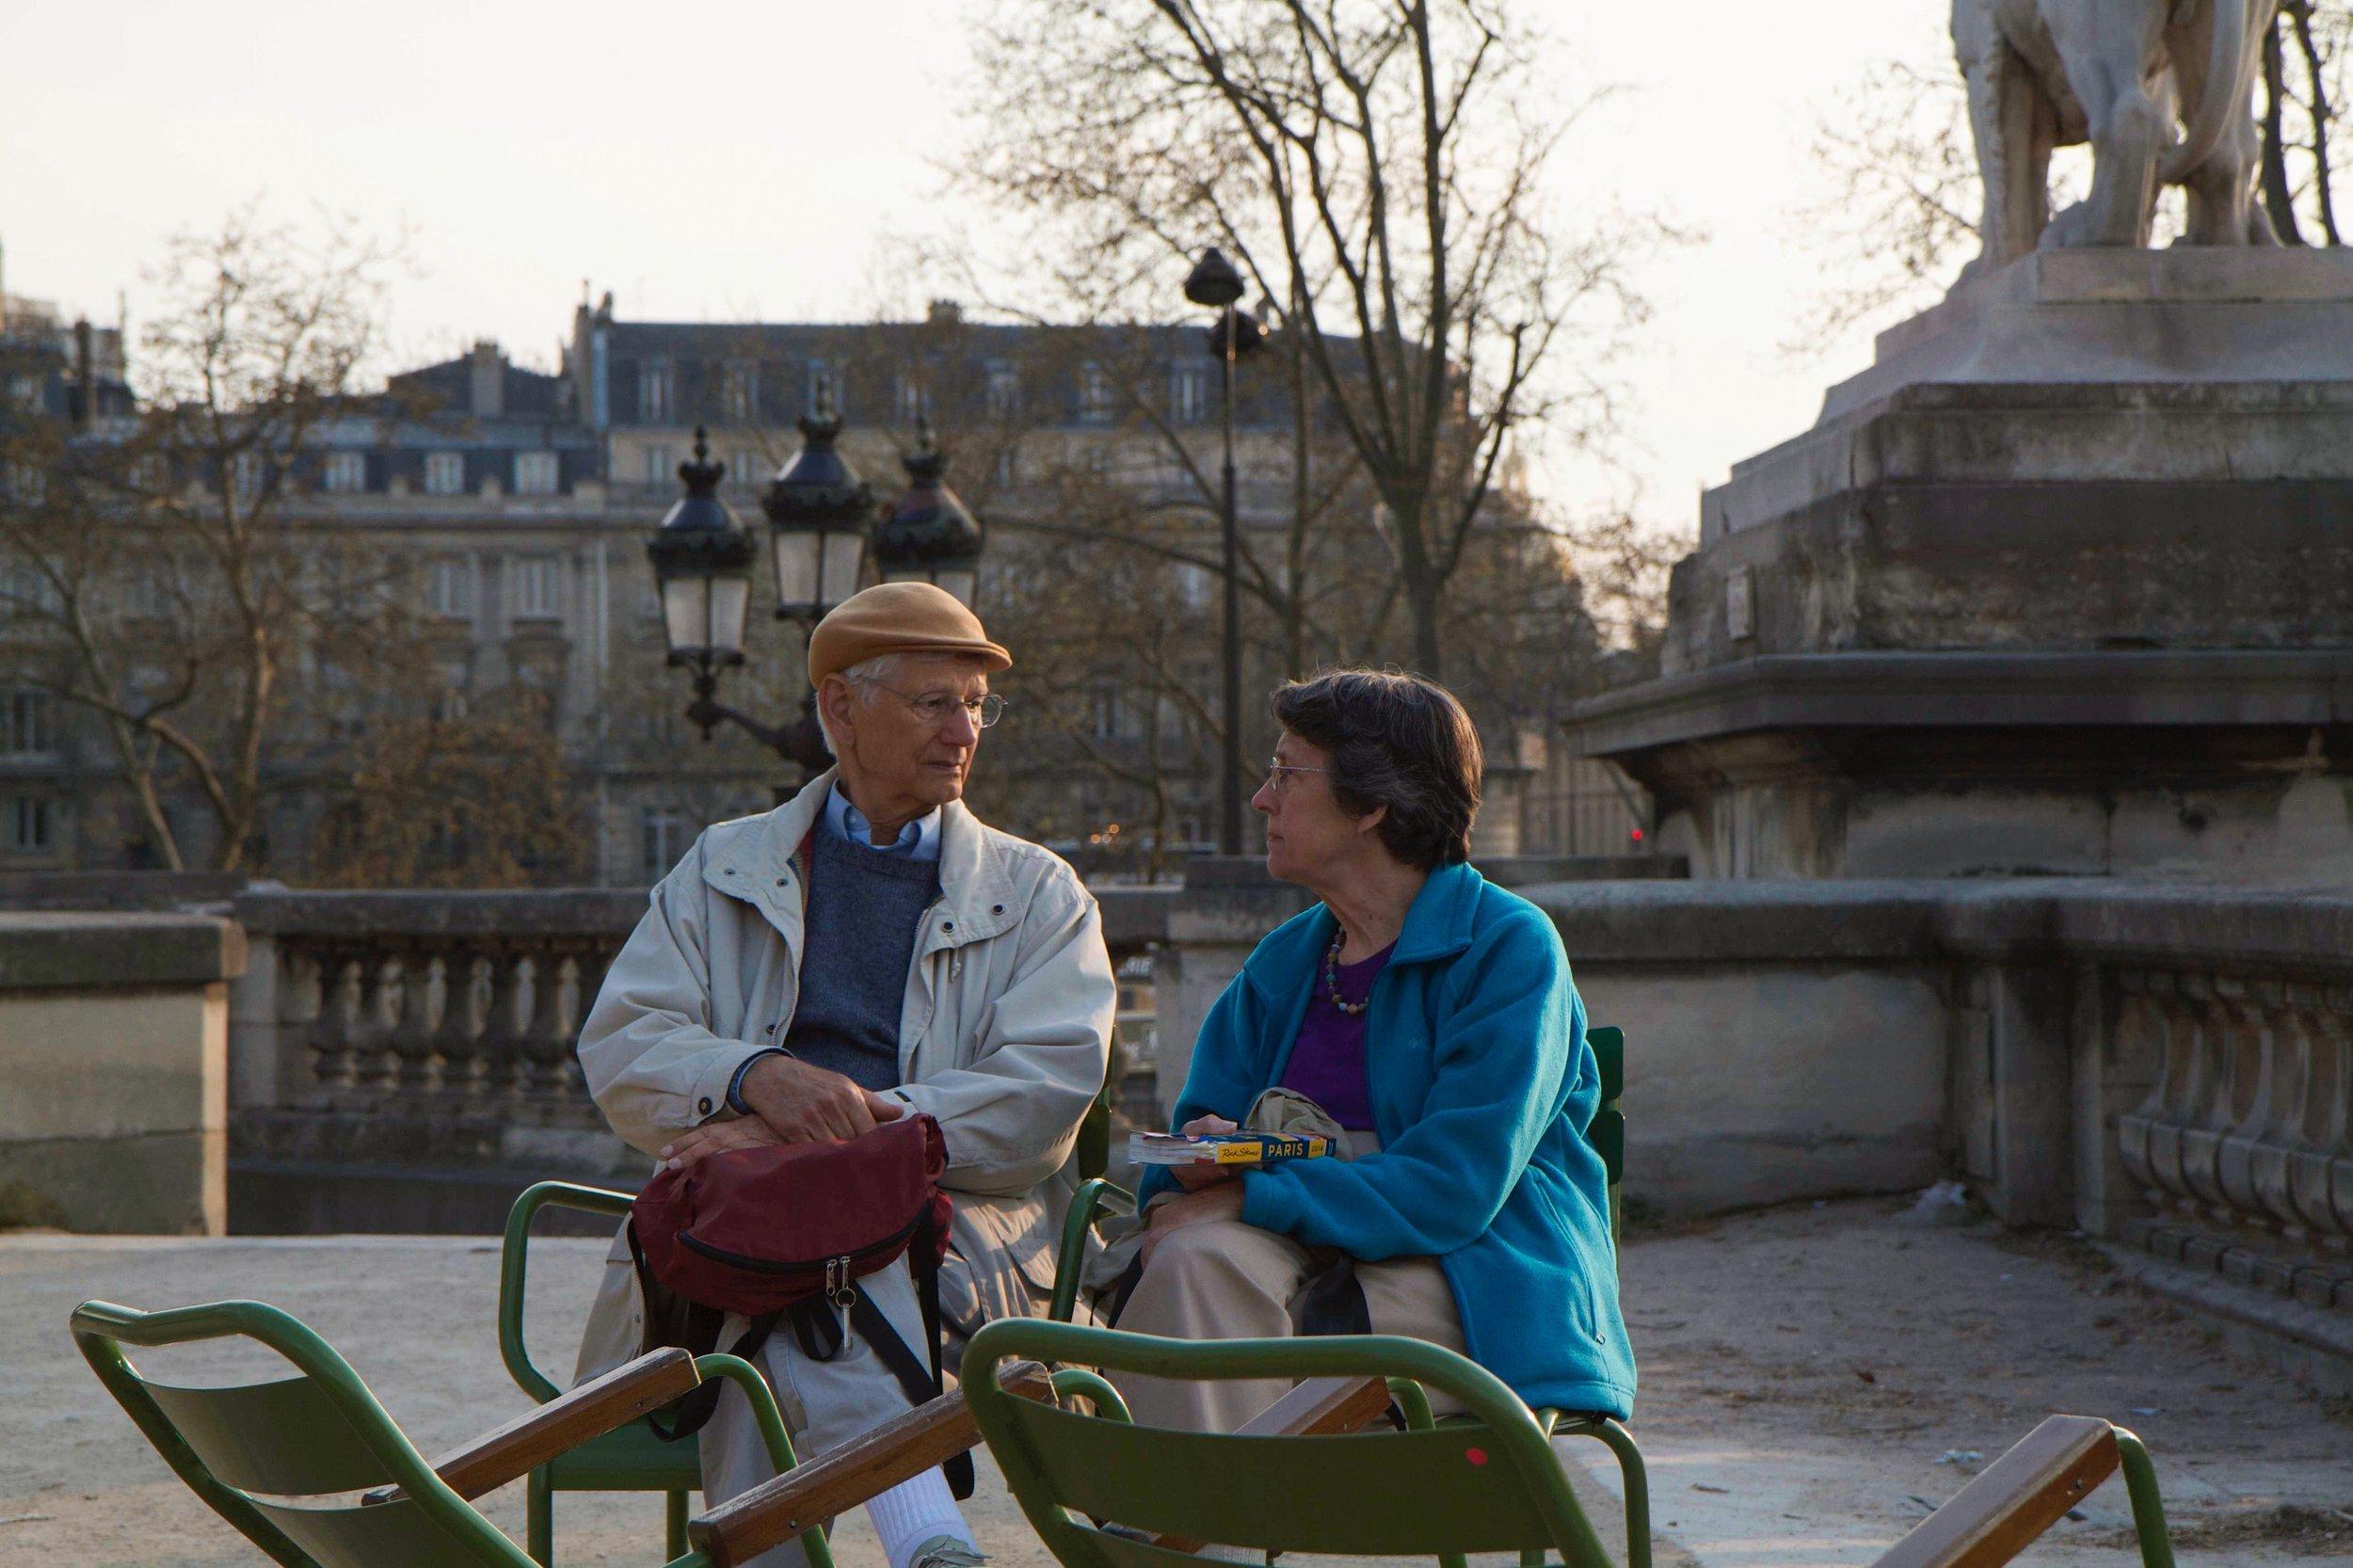 Couple at the Musée de l'Orangerie